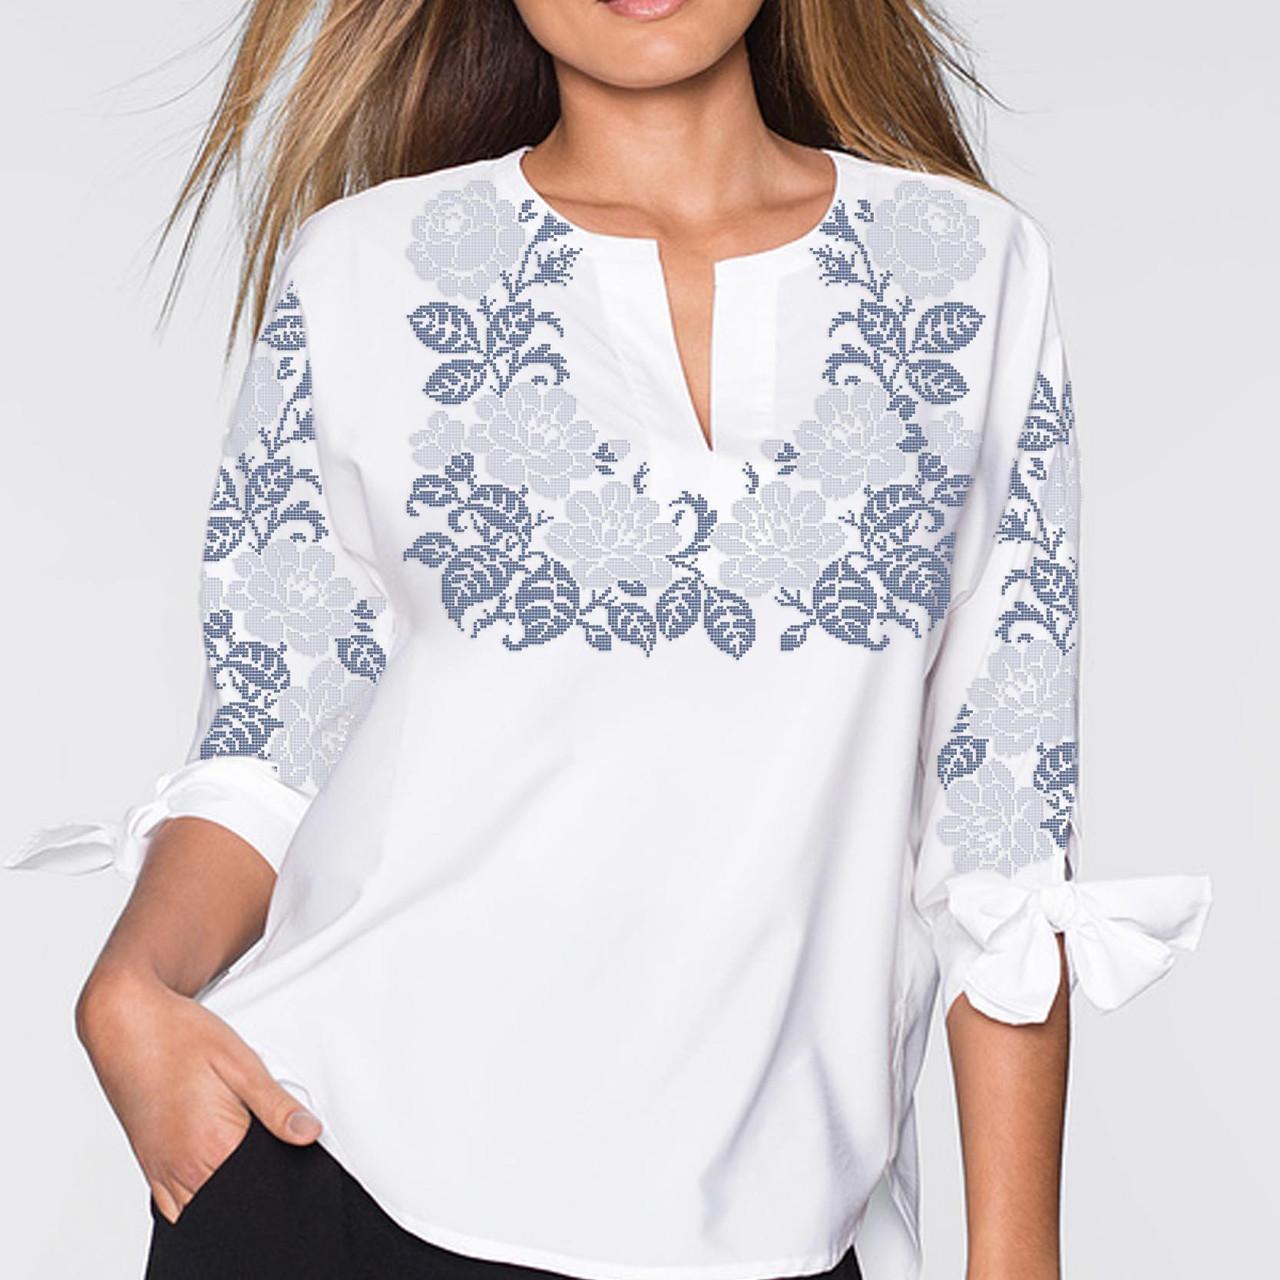 Заготовка вышиванки женской сорочки   блузы для вышивки бисером «Рози  монохром 68» 98666cb2de234